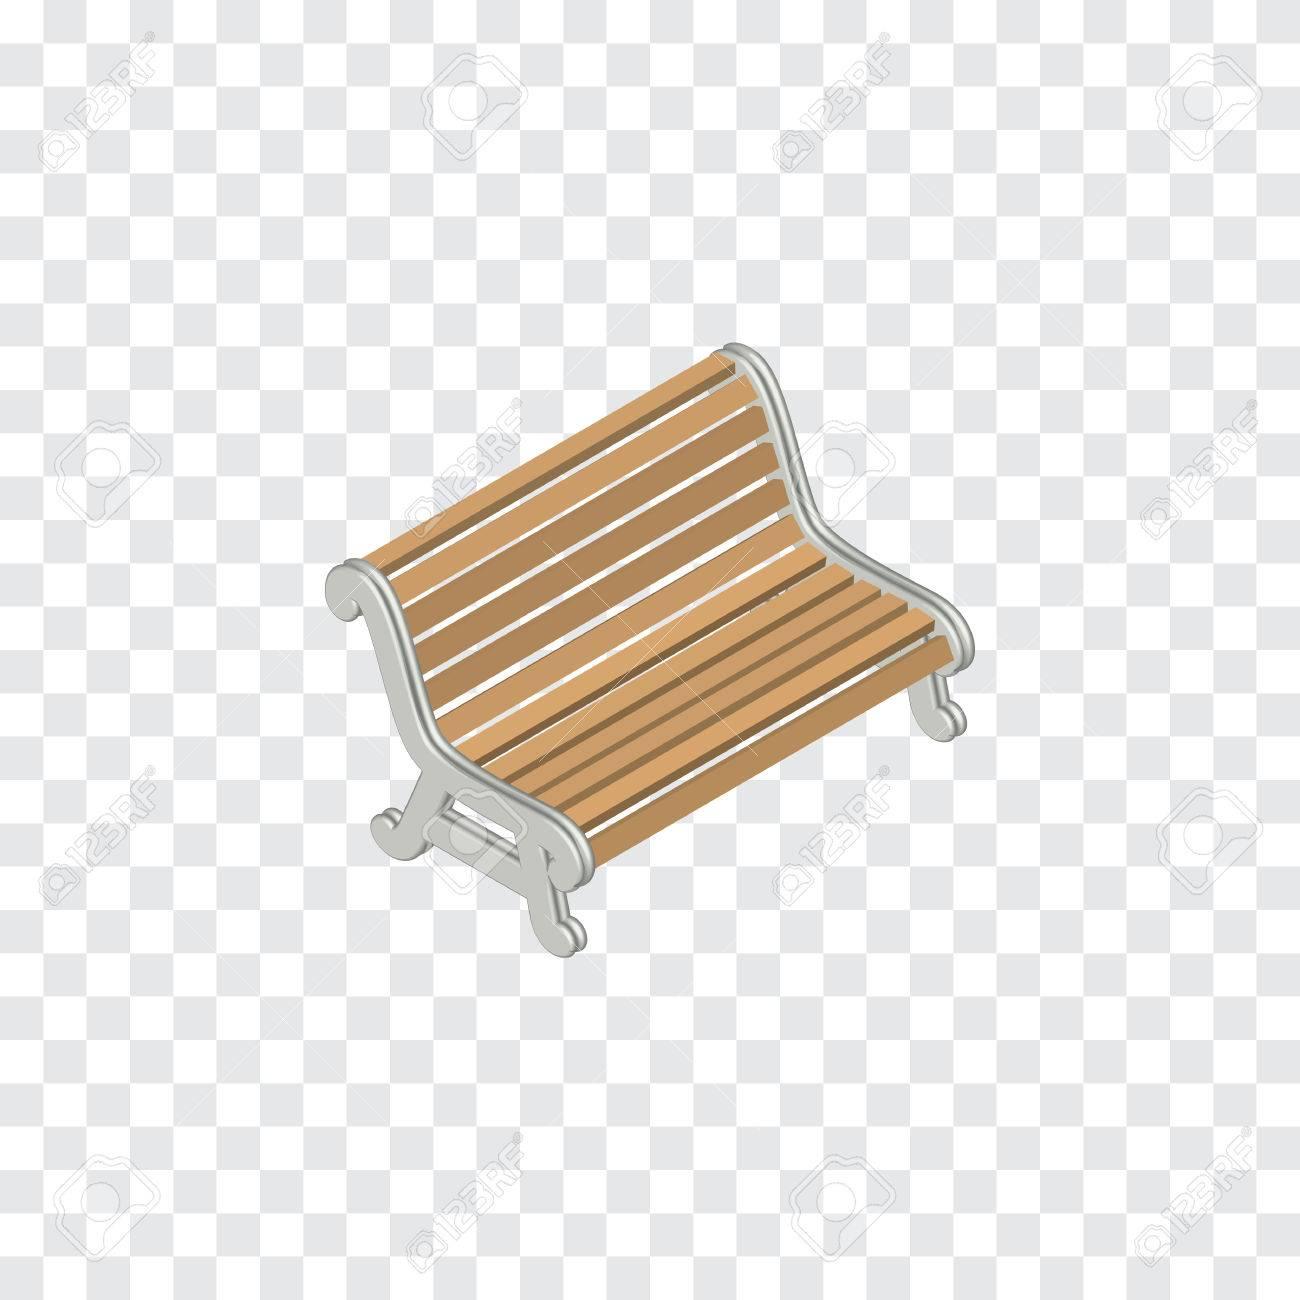 Design Bank Gebruikt.Zetel Vectorelement Kan Worden Gebruikt Voor Bench Seat Park Design Concept Geisoleerde Isometrische Bank